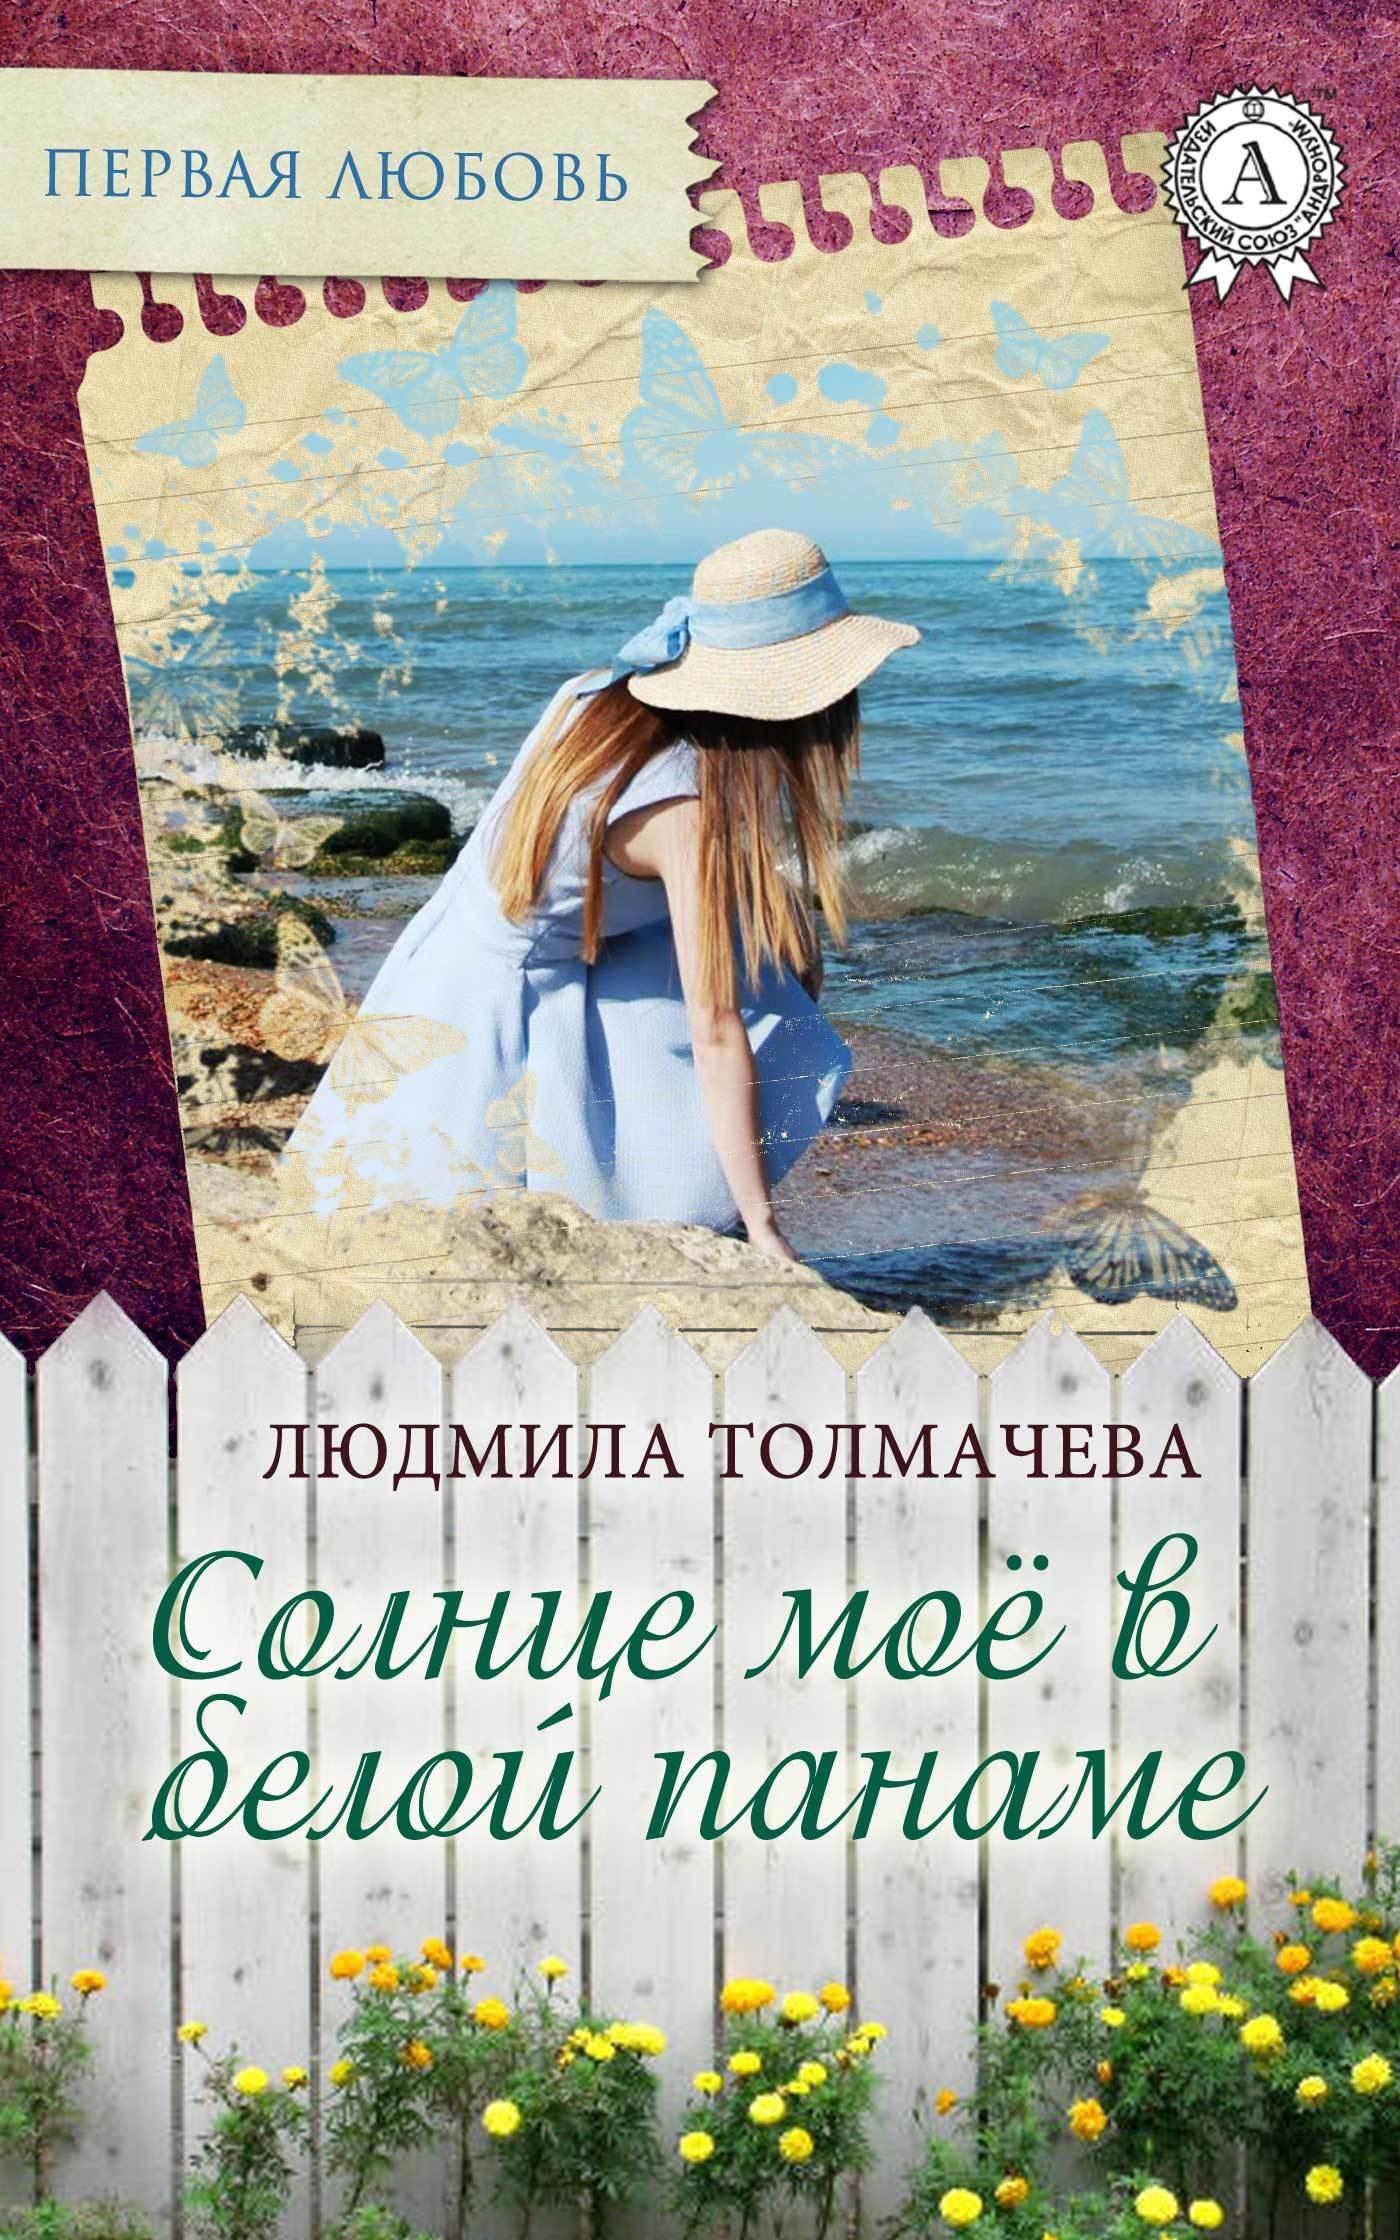 Людмила Толмачева - Солнце моё в белой панаме